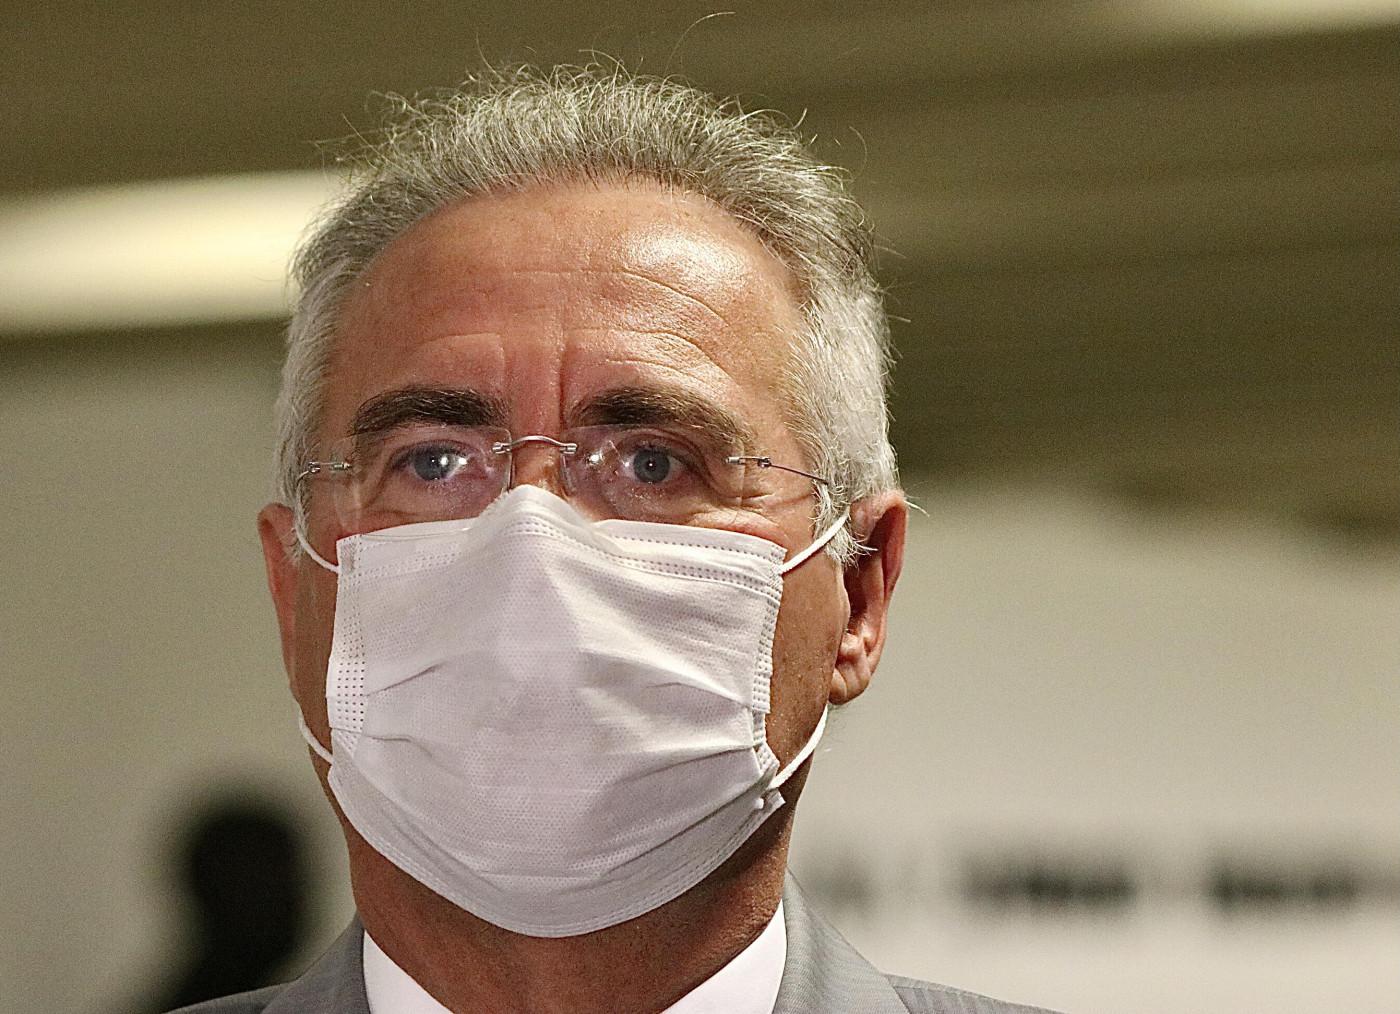 Senador Renan Calheiros usando máscara de proteção branca. Homem com cabelos grisalhos, pele branca e óculos transparentes.